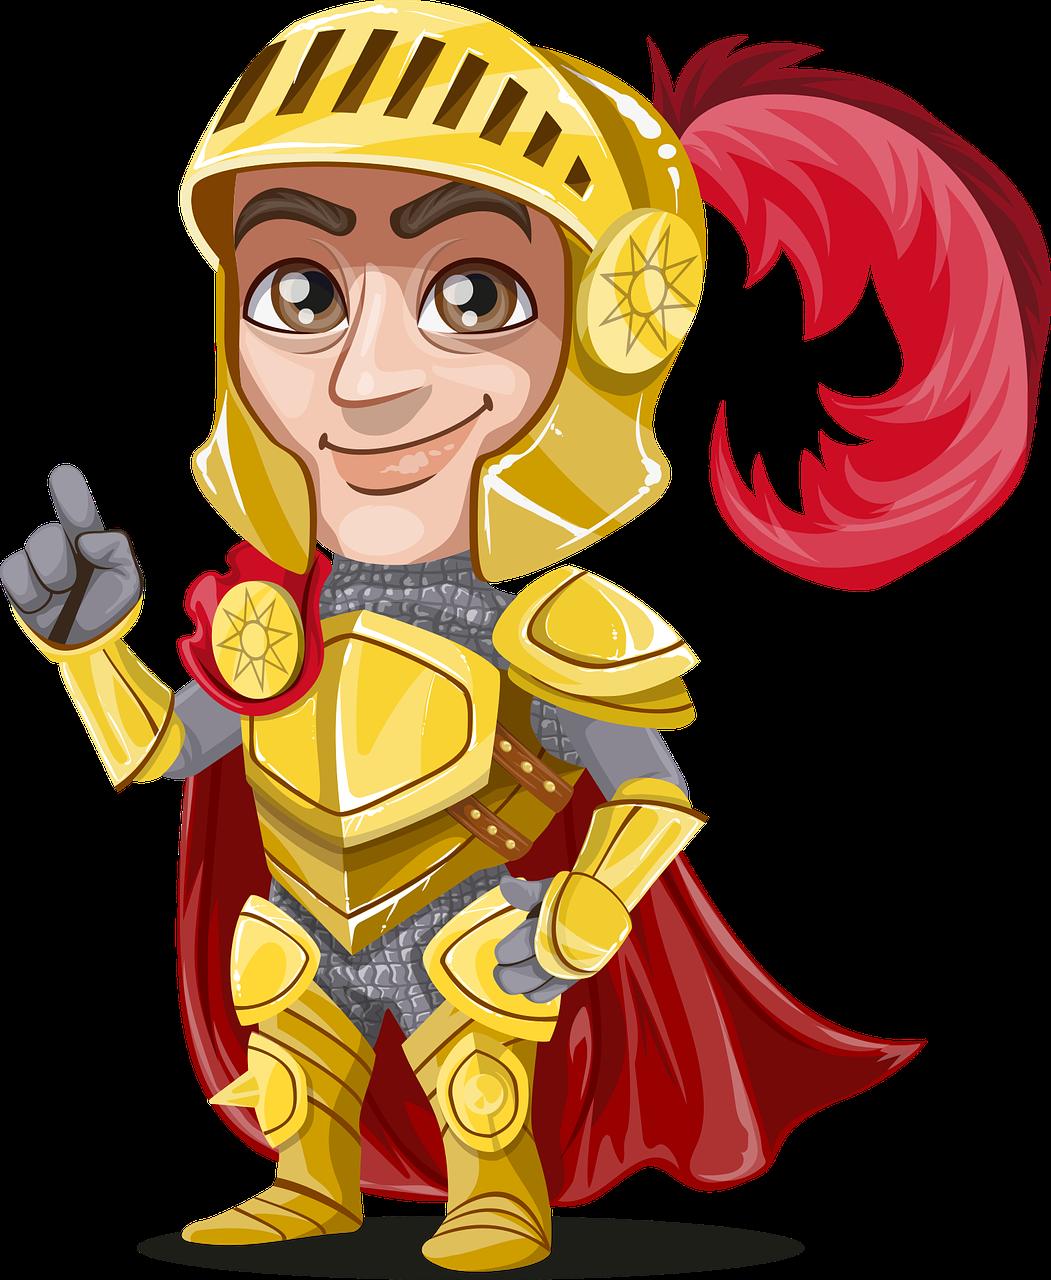 Knight clipart medieval person Art Knight Knight Art Clip